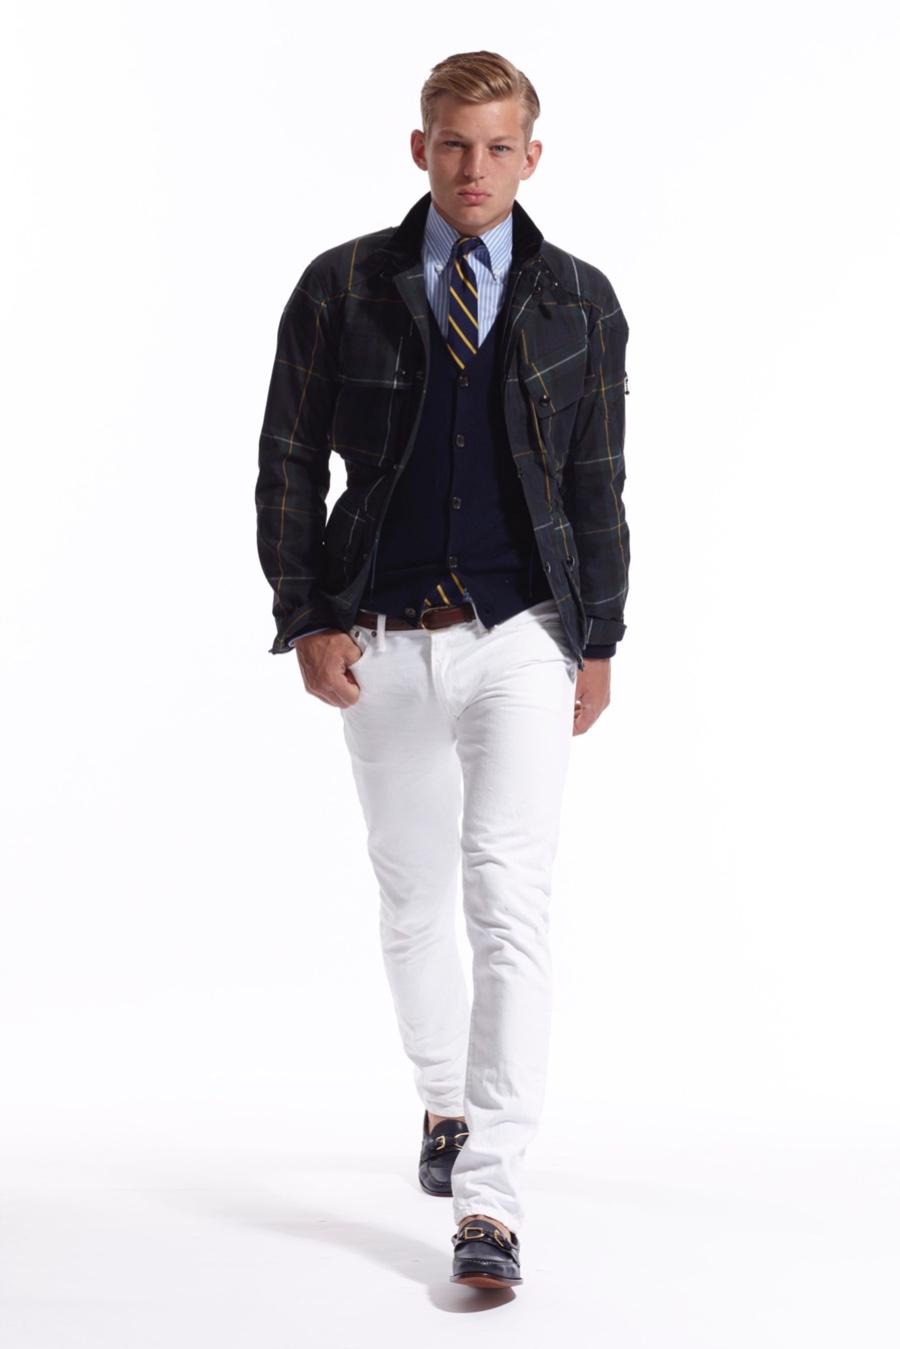 Smart Jeans For Men